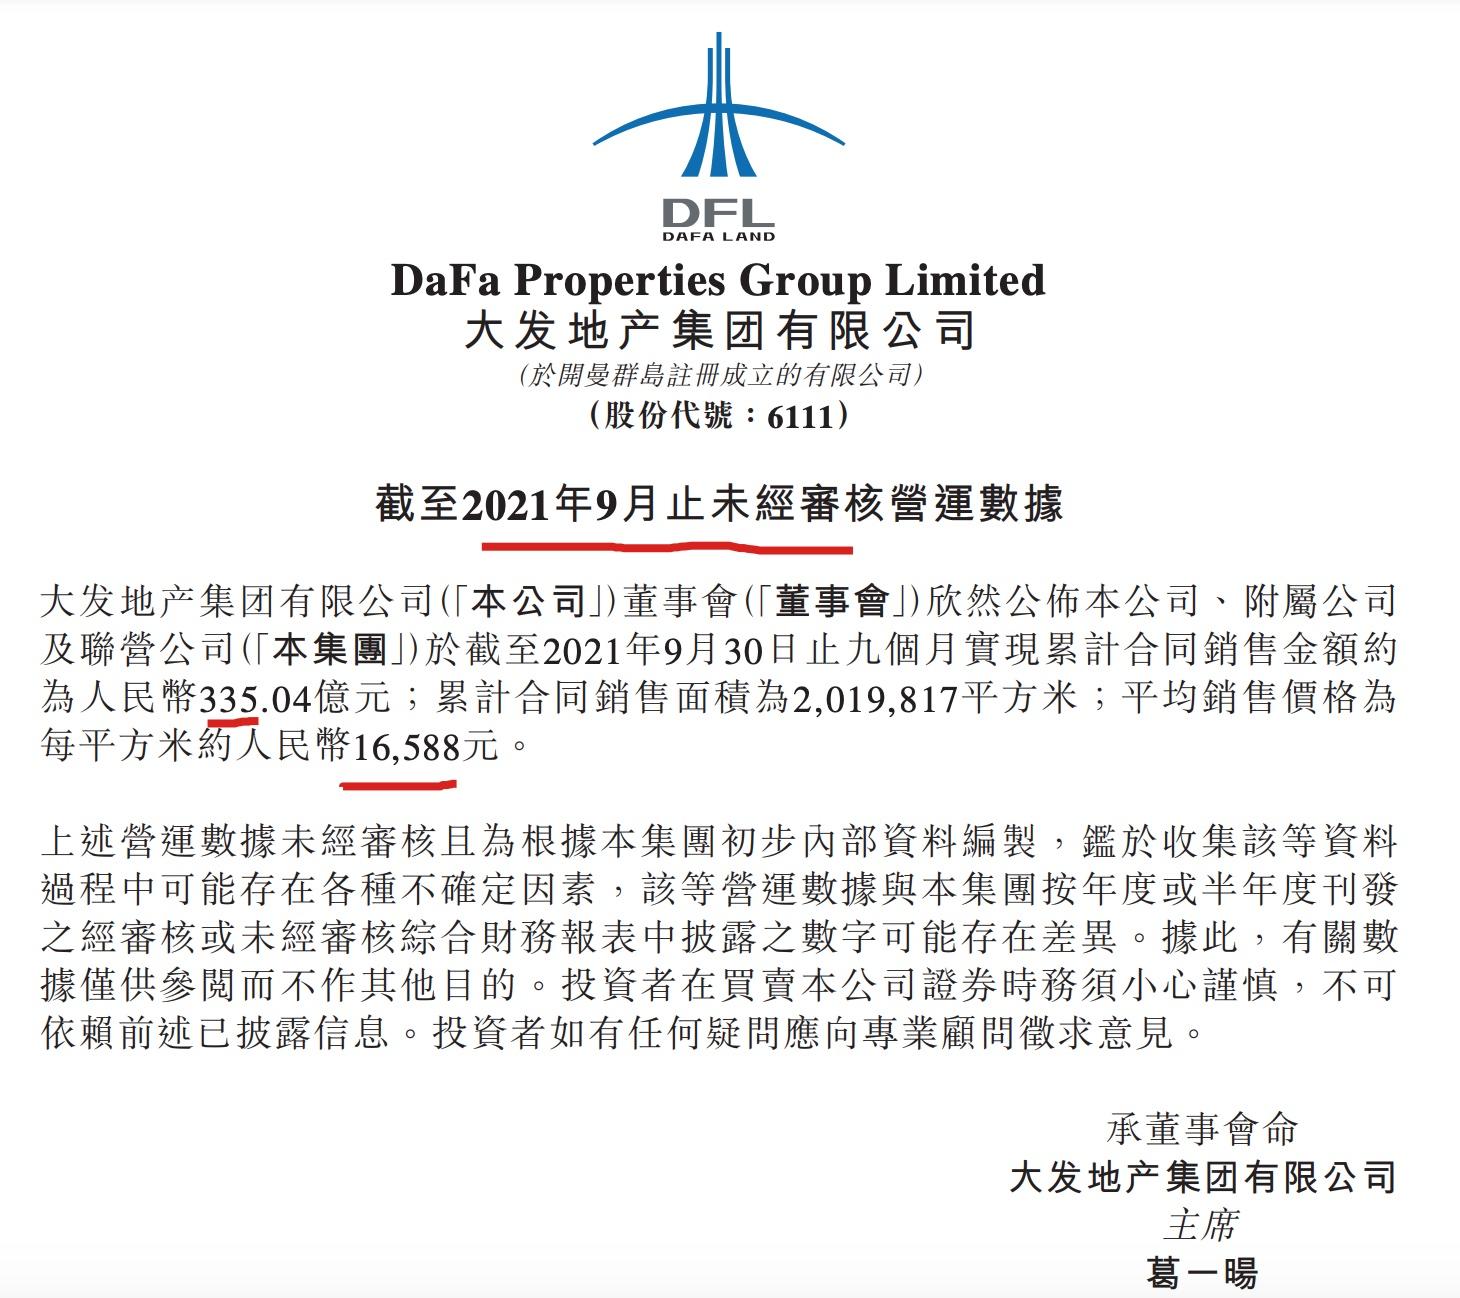 大发地产前9月销售额同比增长66.7% 单月已五连跌